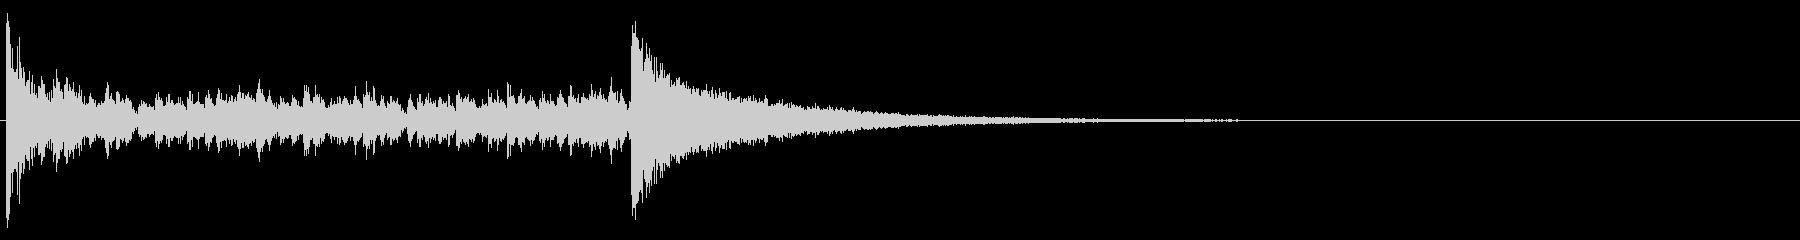 ドラムロール_3秒の未再生の波形